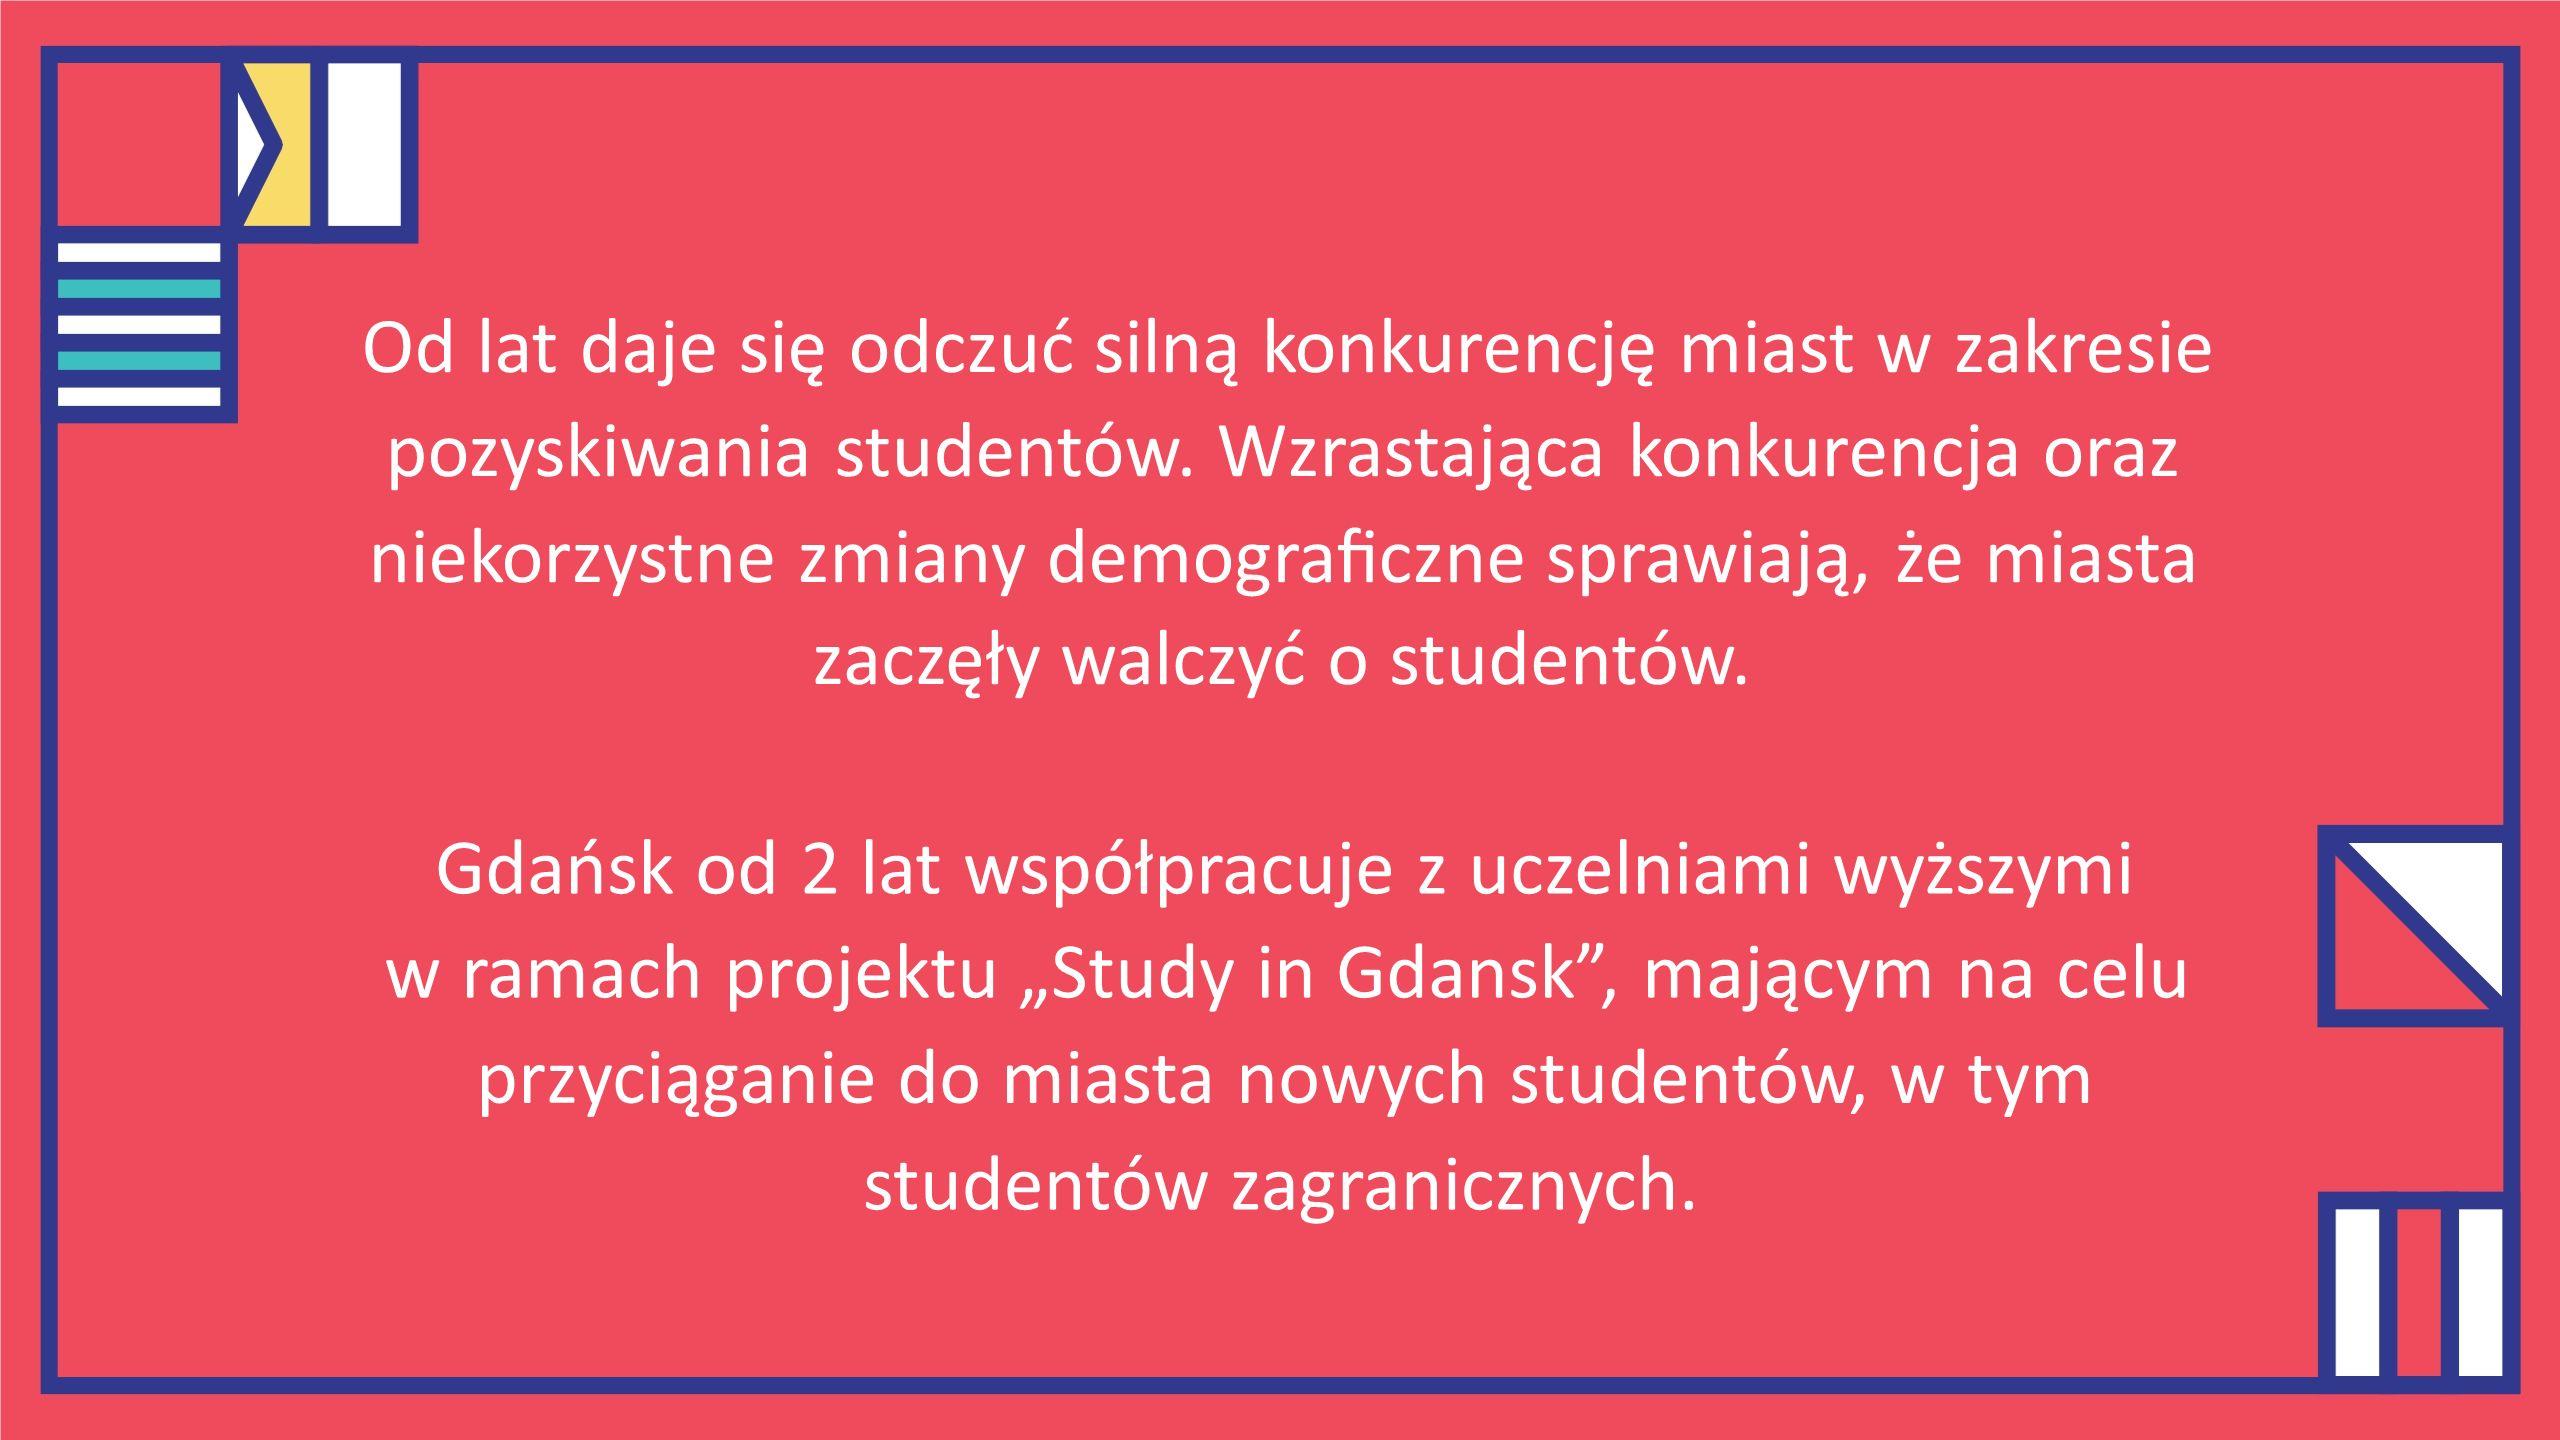 Jesteśmy też otwarci na nowe pomysły zgłaszane przez uczelnie wyższe i organizacje studenckie.